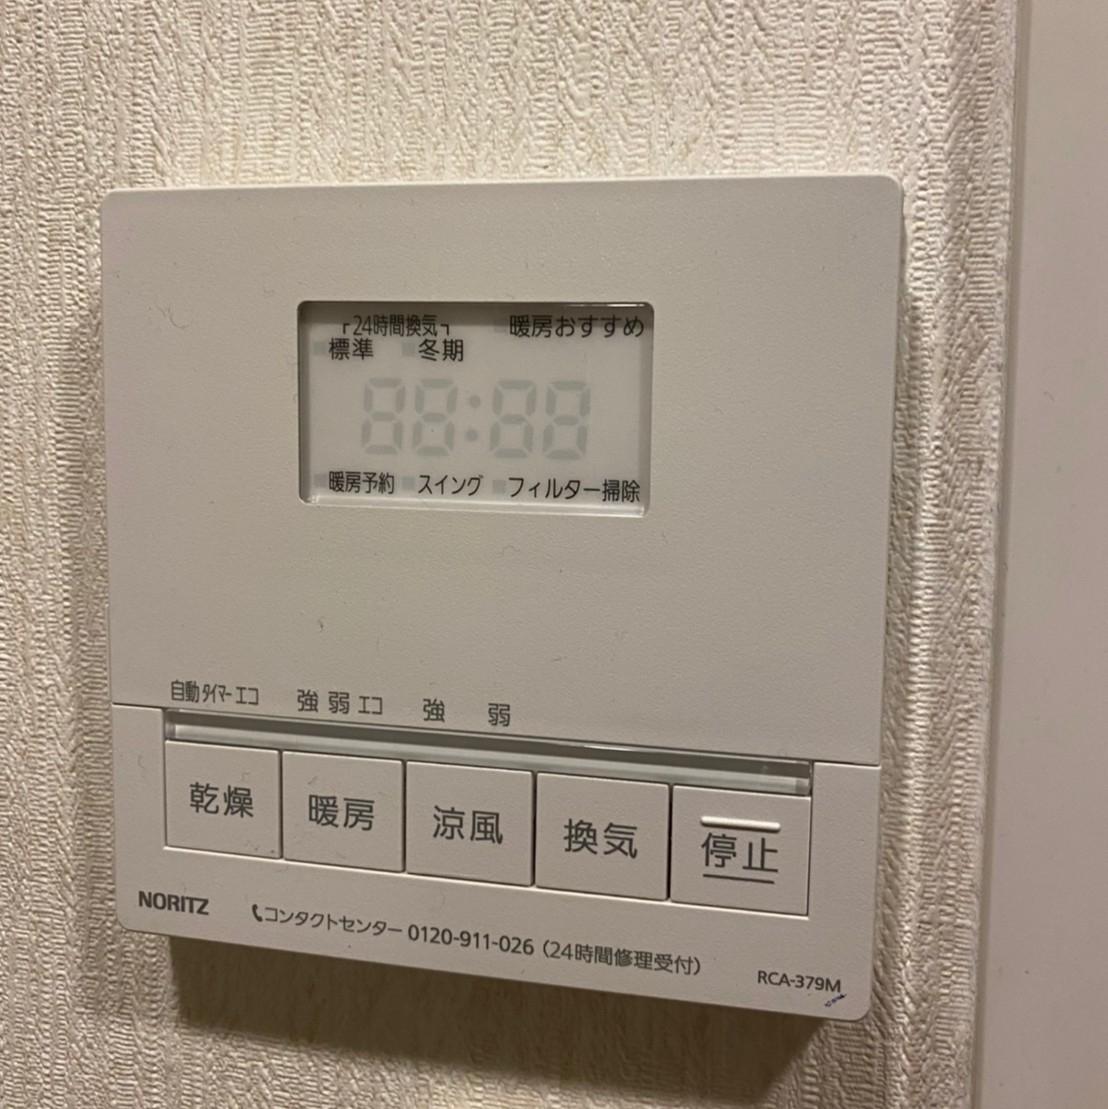 jirei_image53493